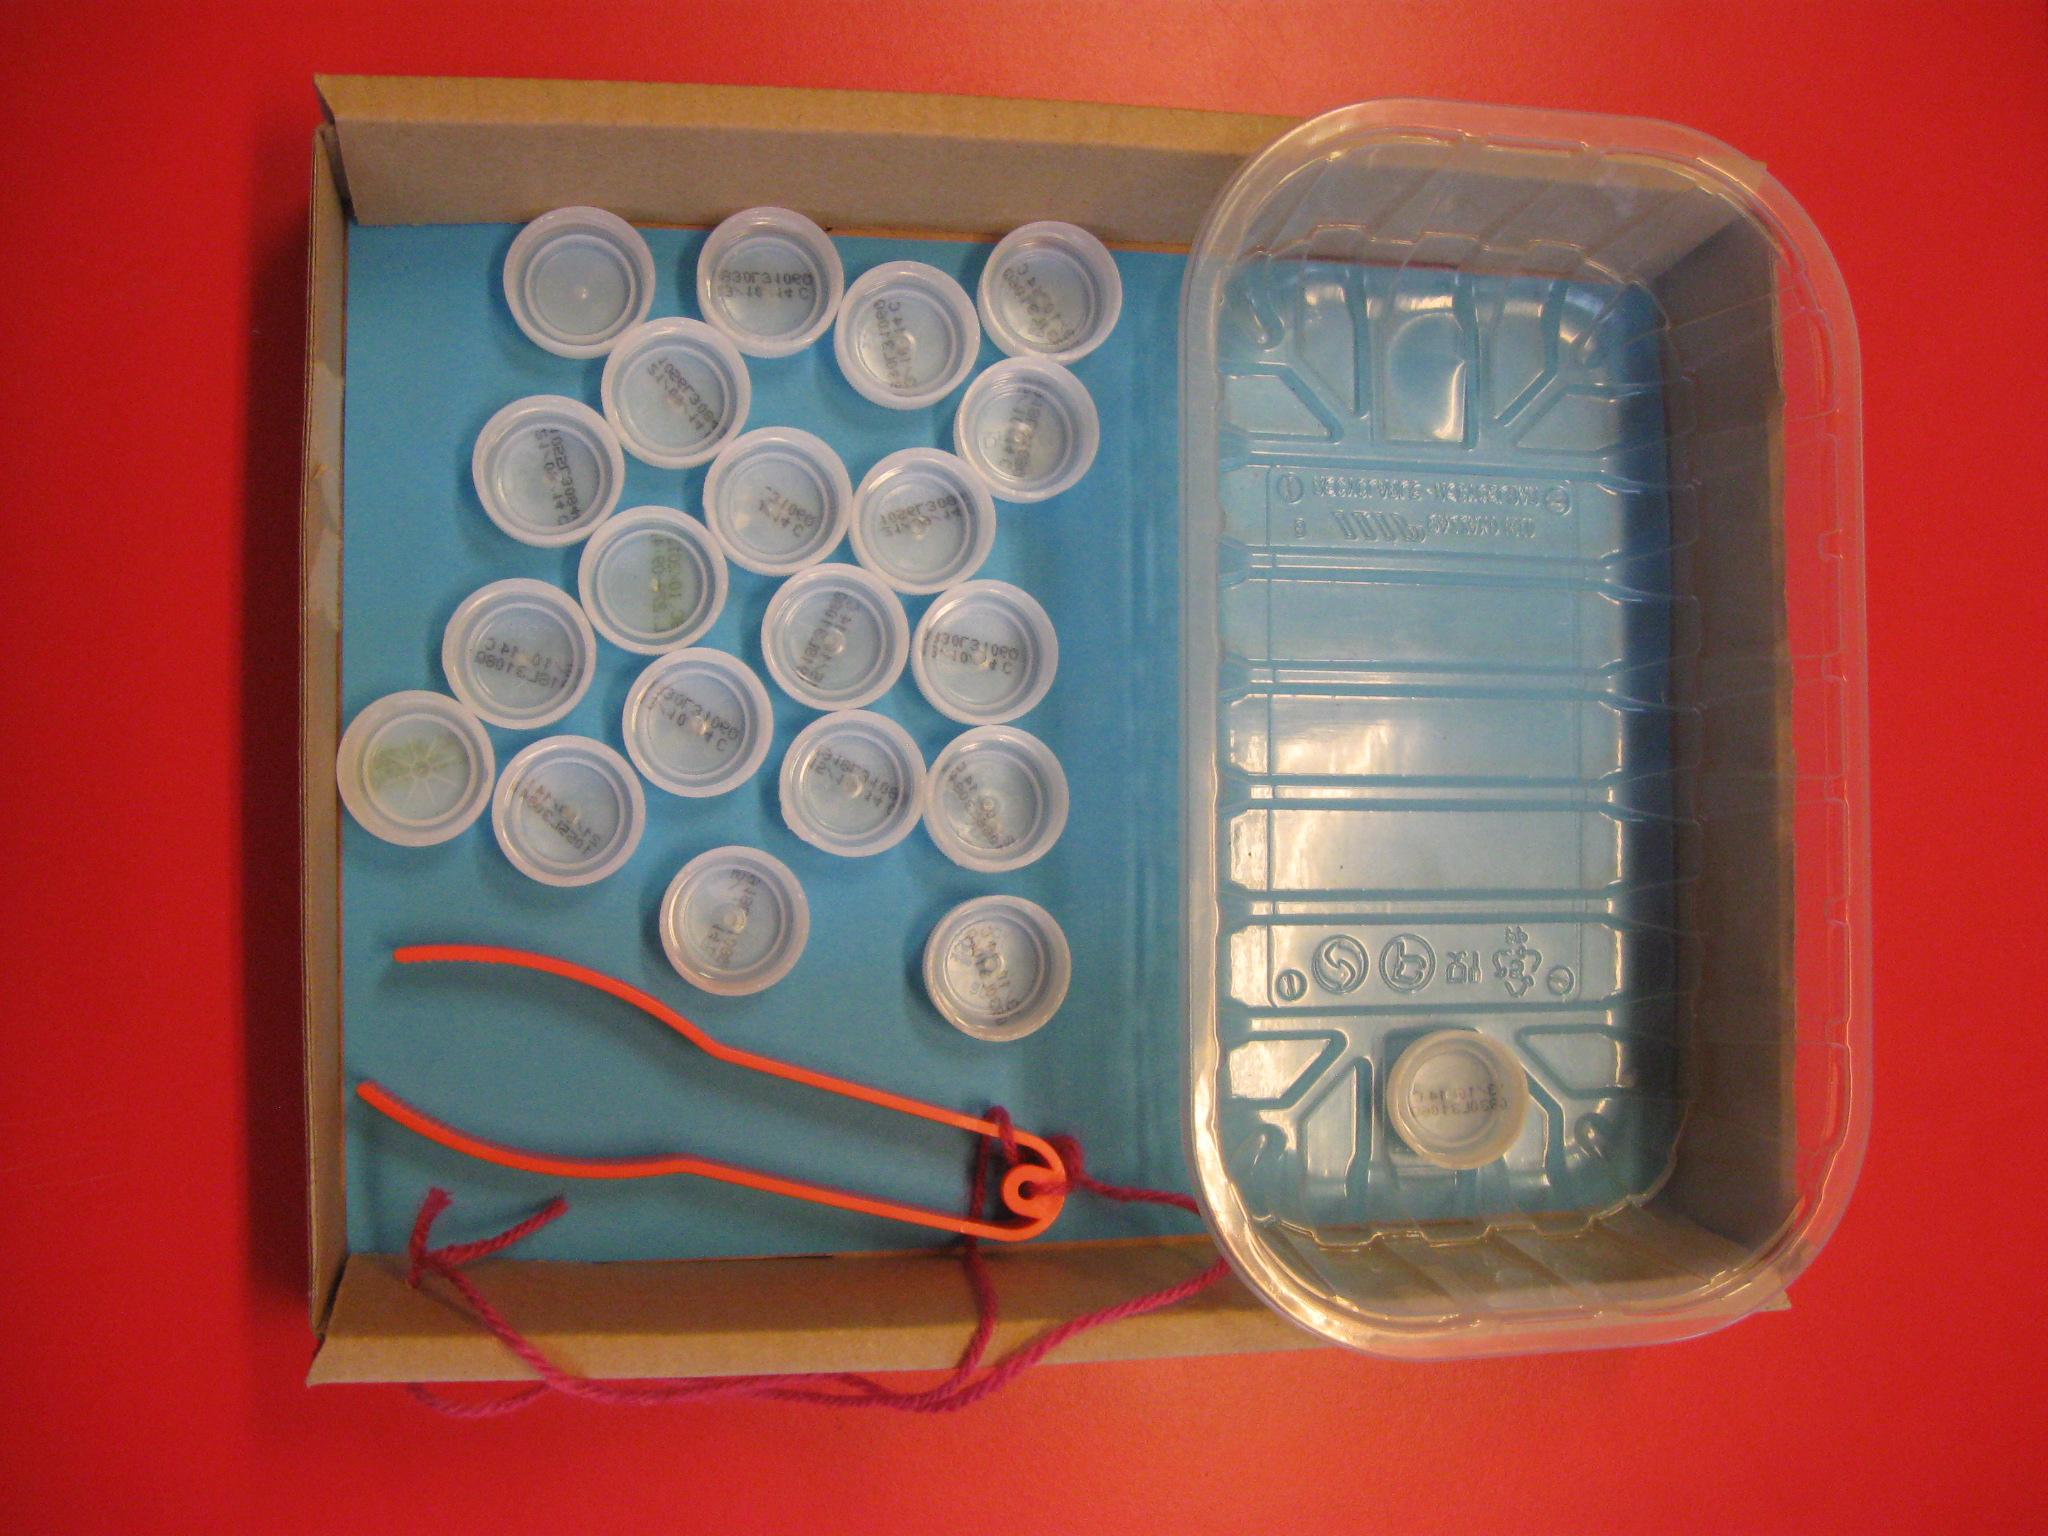 In una scatola ci sono una vaschetta in plastica, tappi di bottiglia e una pinza in plastica.